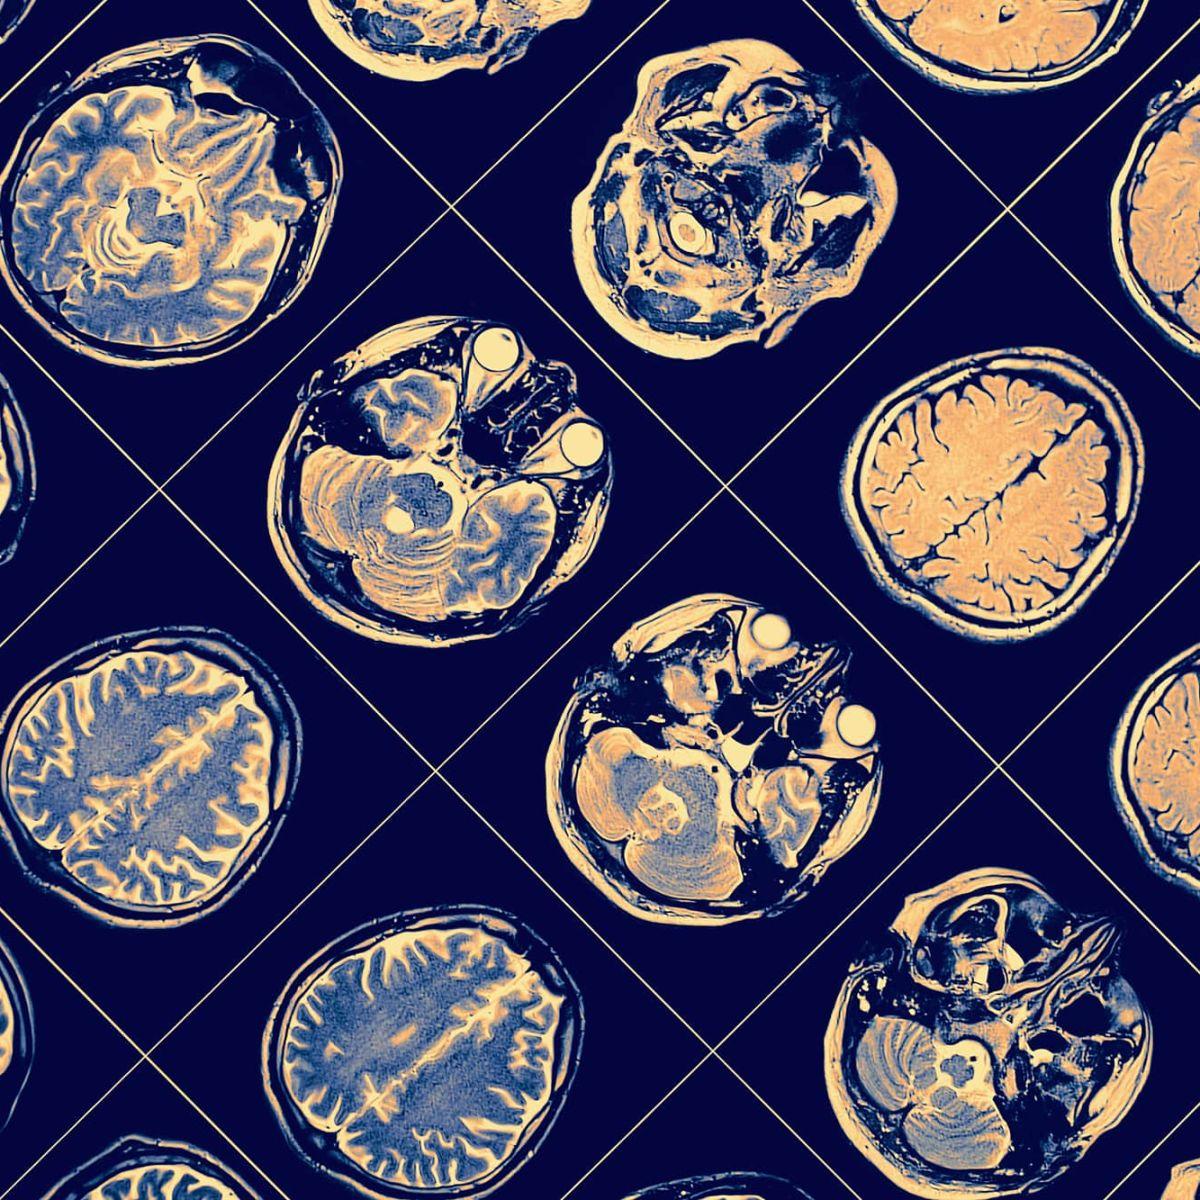 Посифен: прорыв в лечении болезни Альцгеймера и болезни Паркинсона